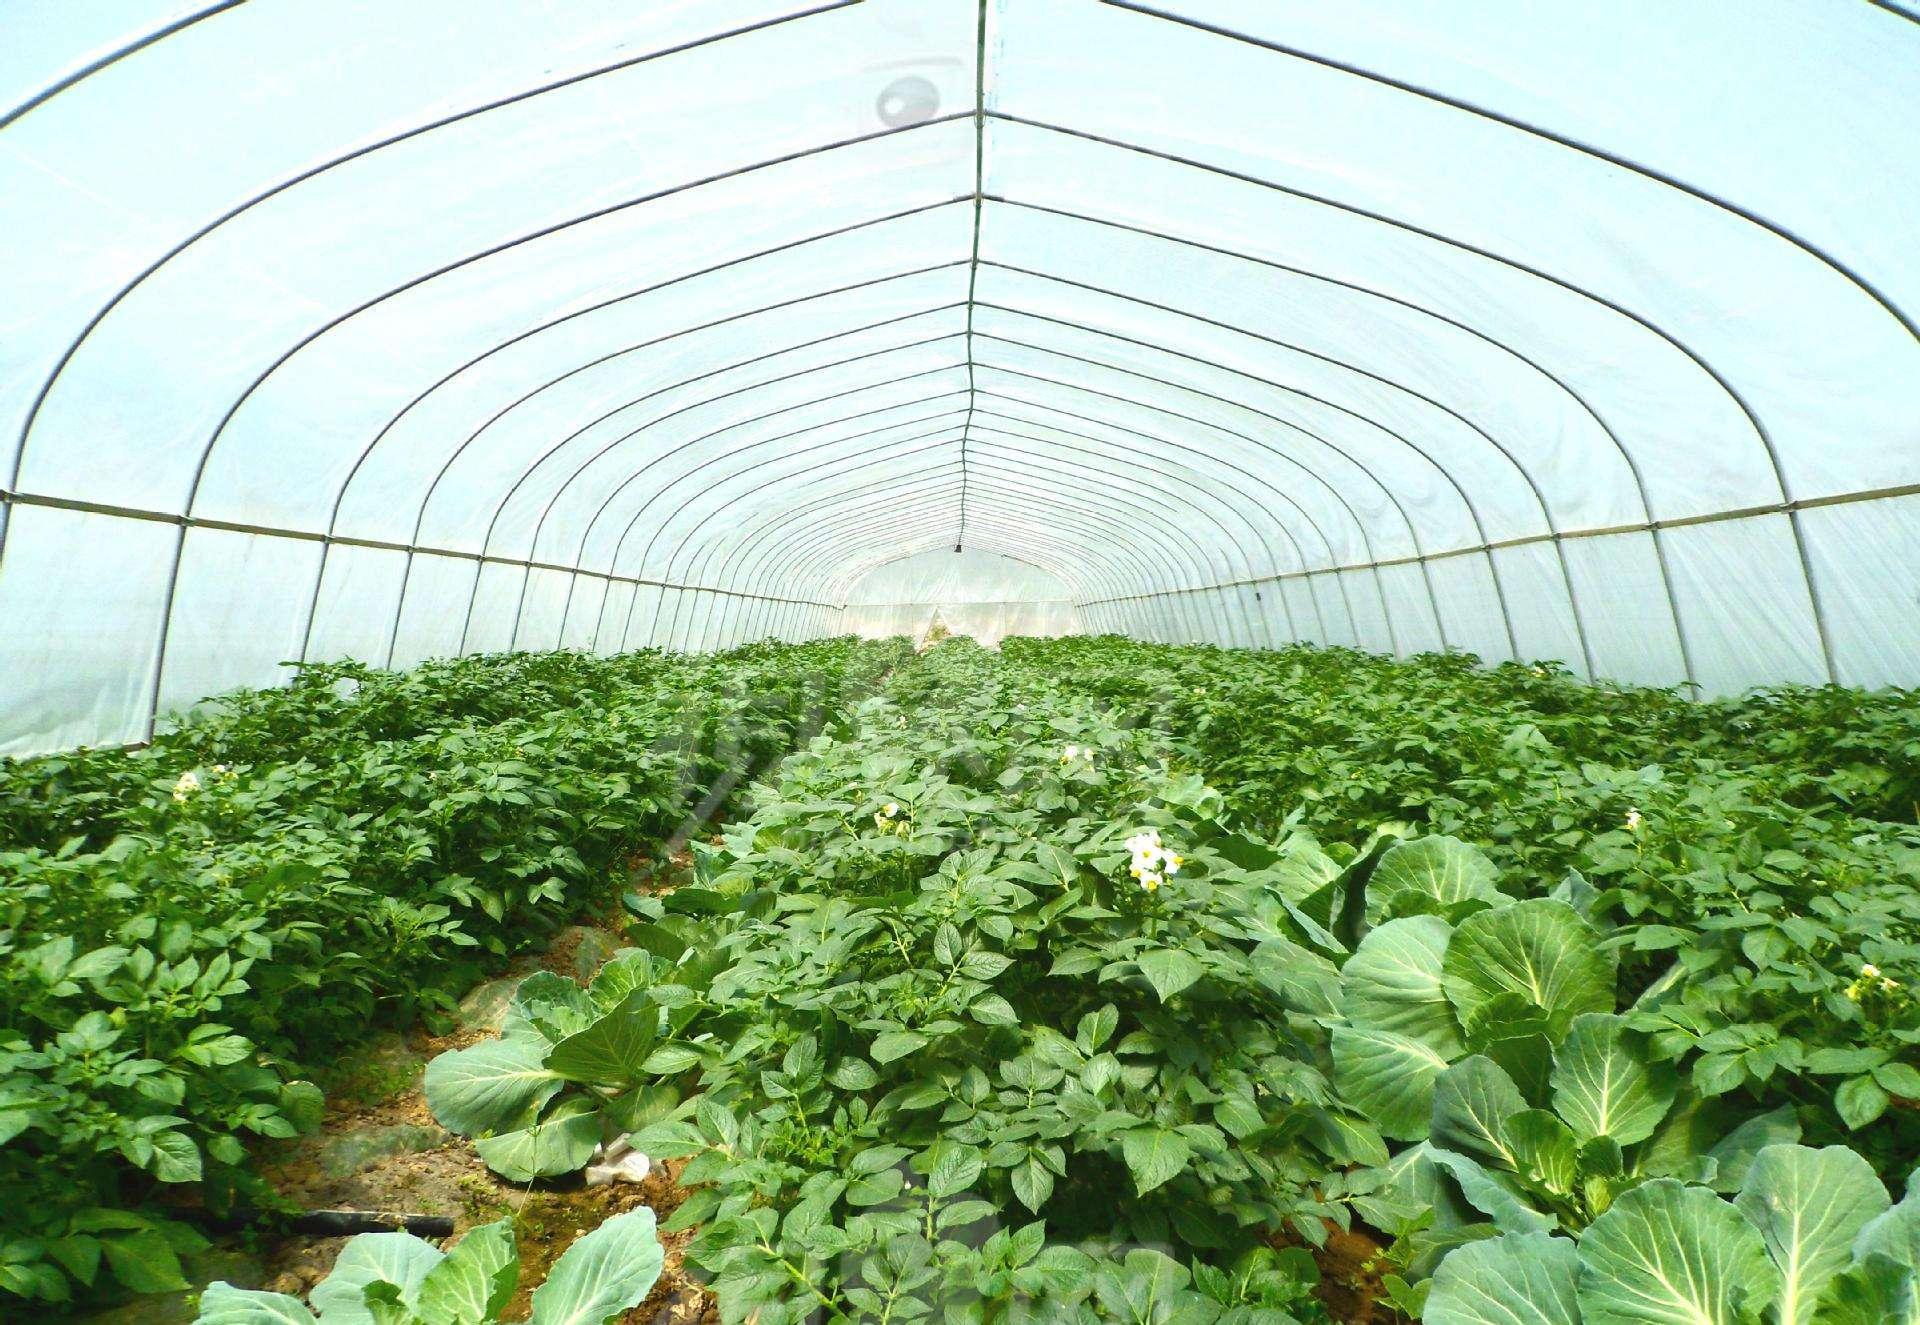 聊城:蔬菜大棚里的致富發財路